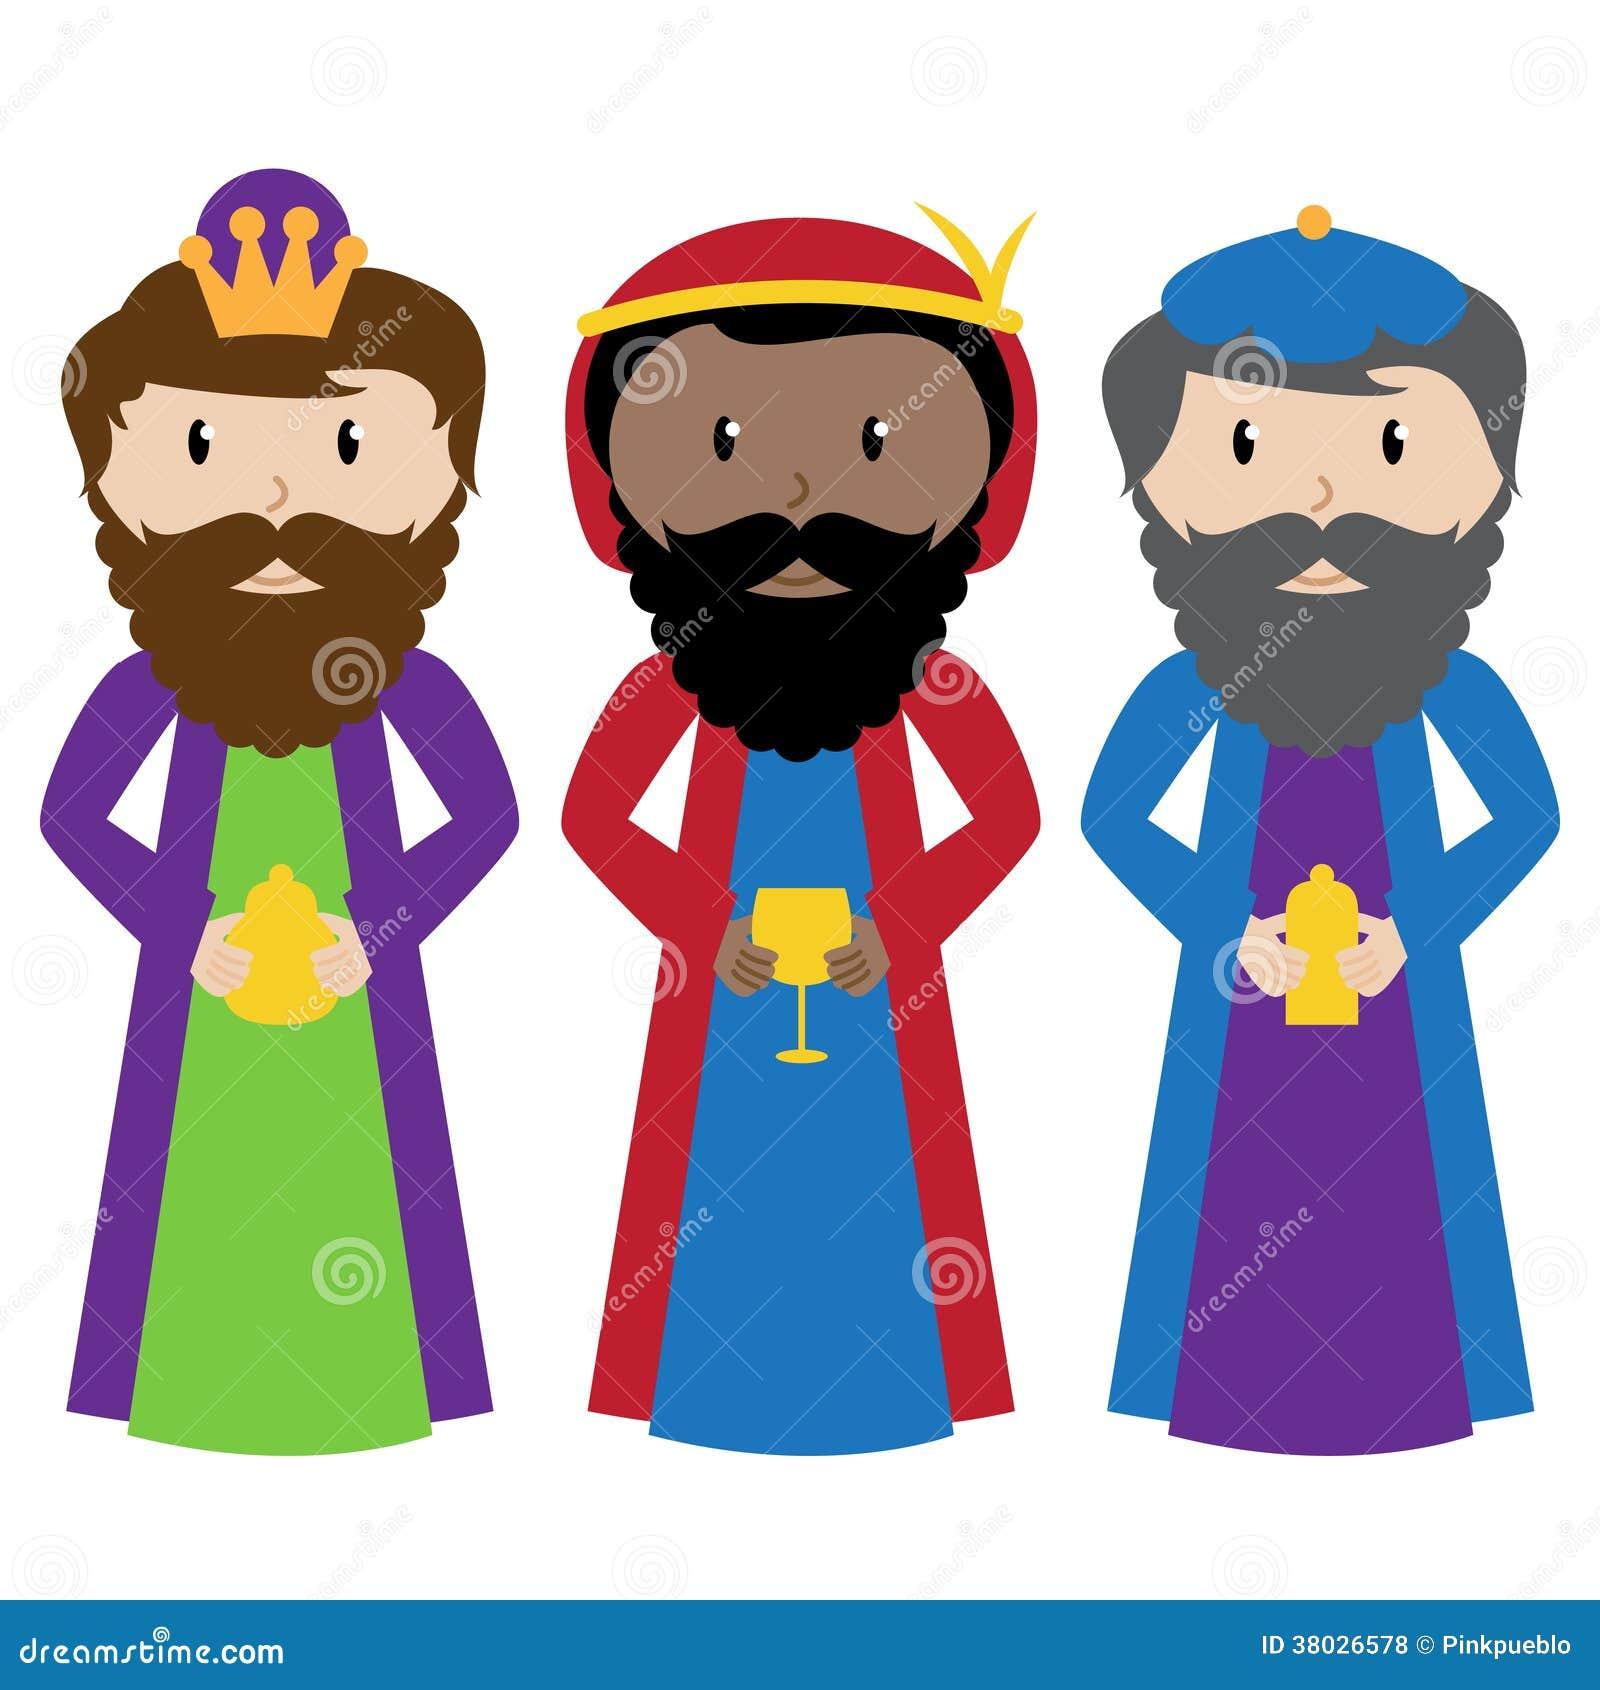 Excepcional Tres Hombres Sabios Para Colorear Colección de Imágenes ...